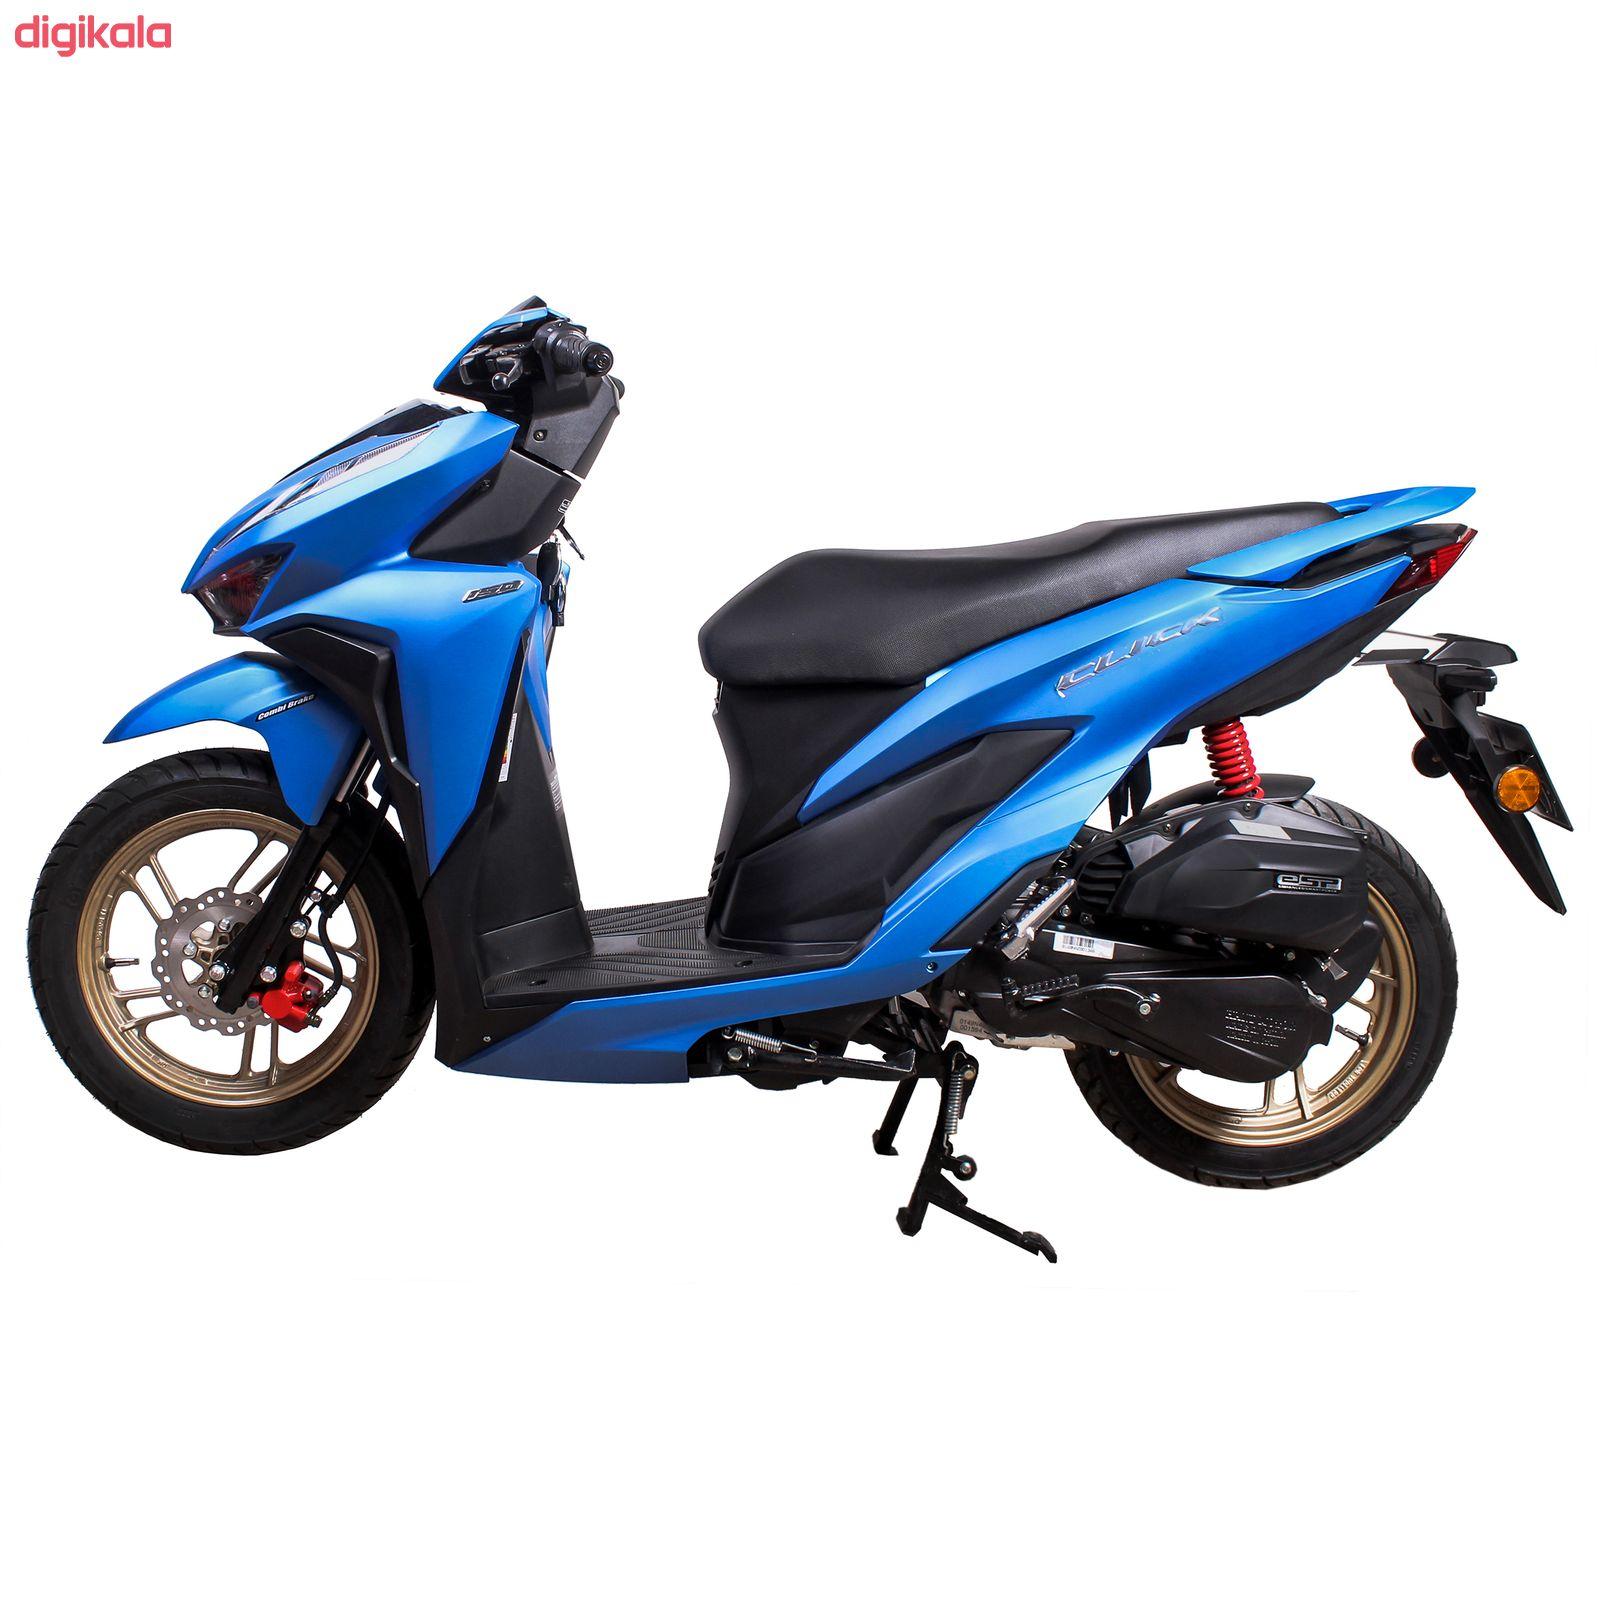 موتورسیکلت هانی مدل کلیک 150 سی سی سال 1399 main 1 2